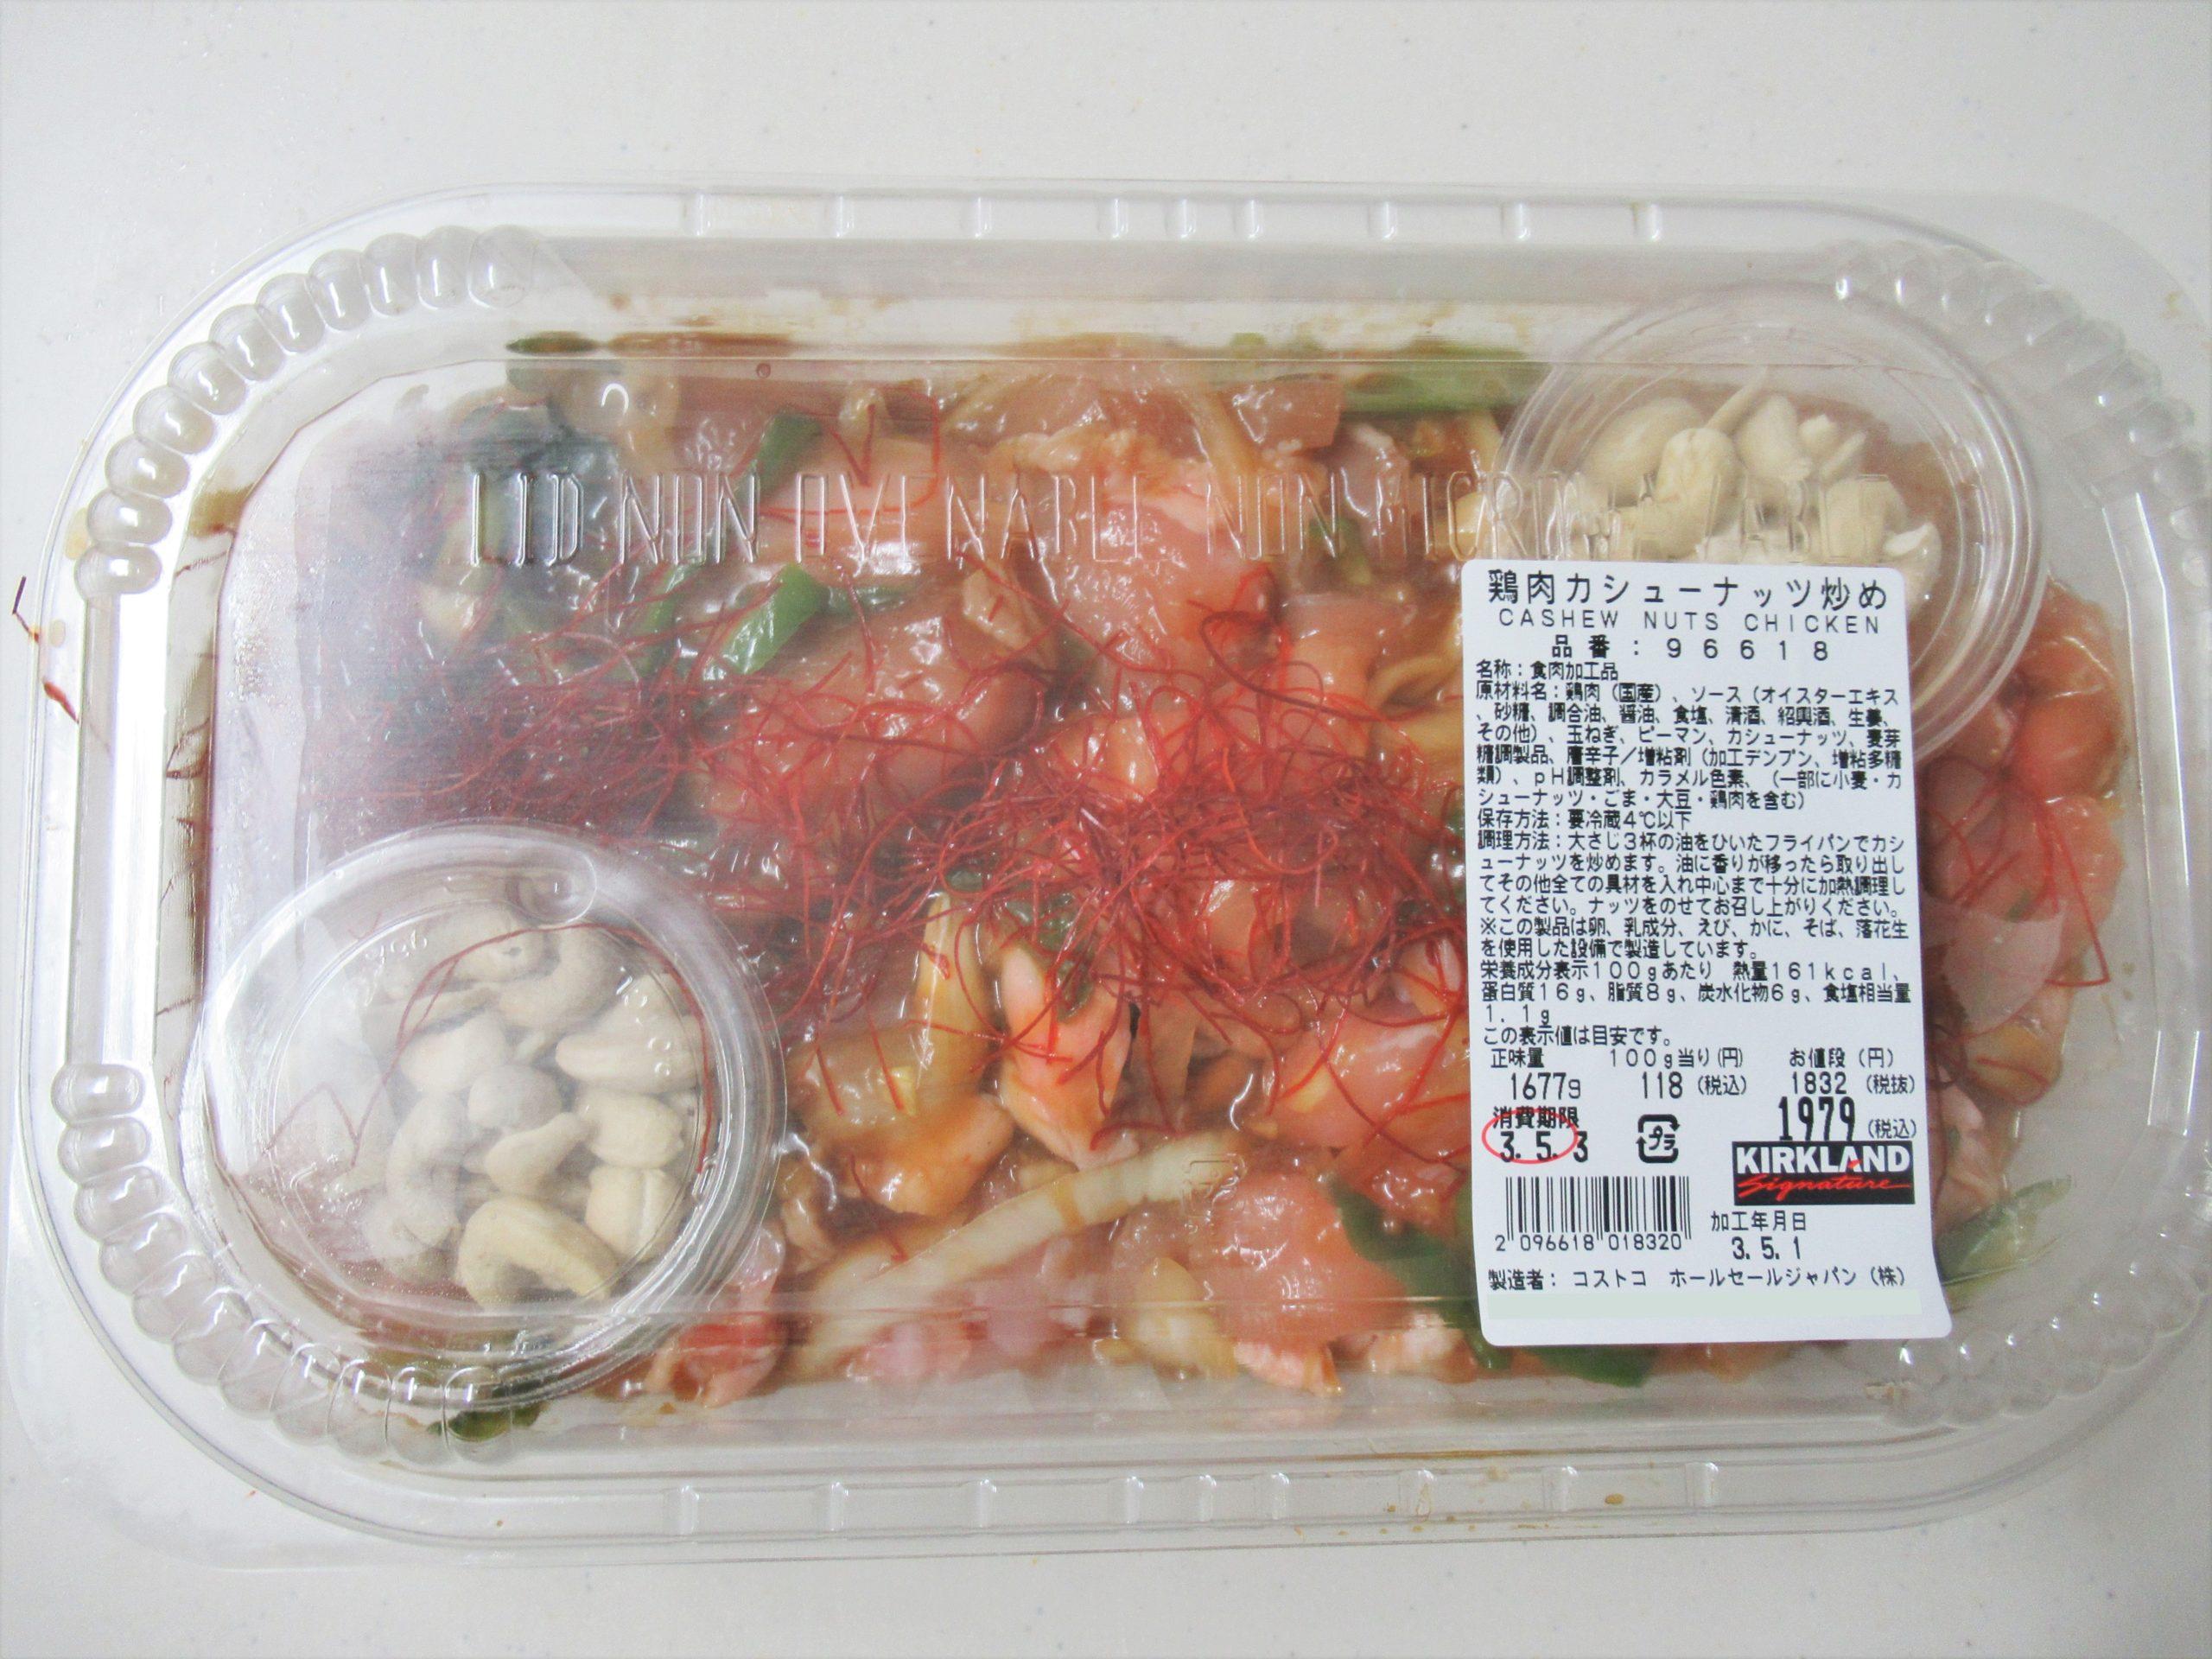 コストコの新商品「鶏肉のカシューナッツ炒め」が便利で美味しい!味をレビュー|コストコで節約さがし